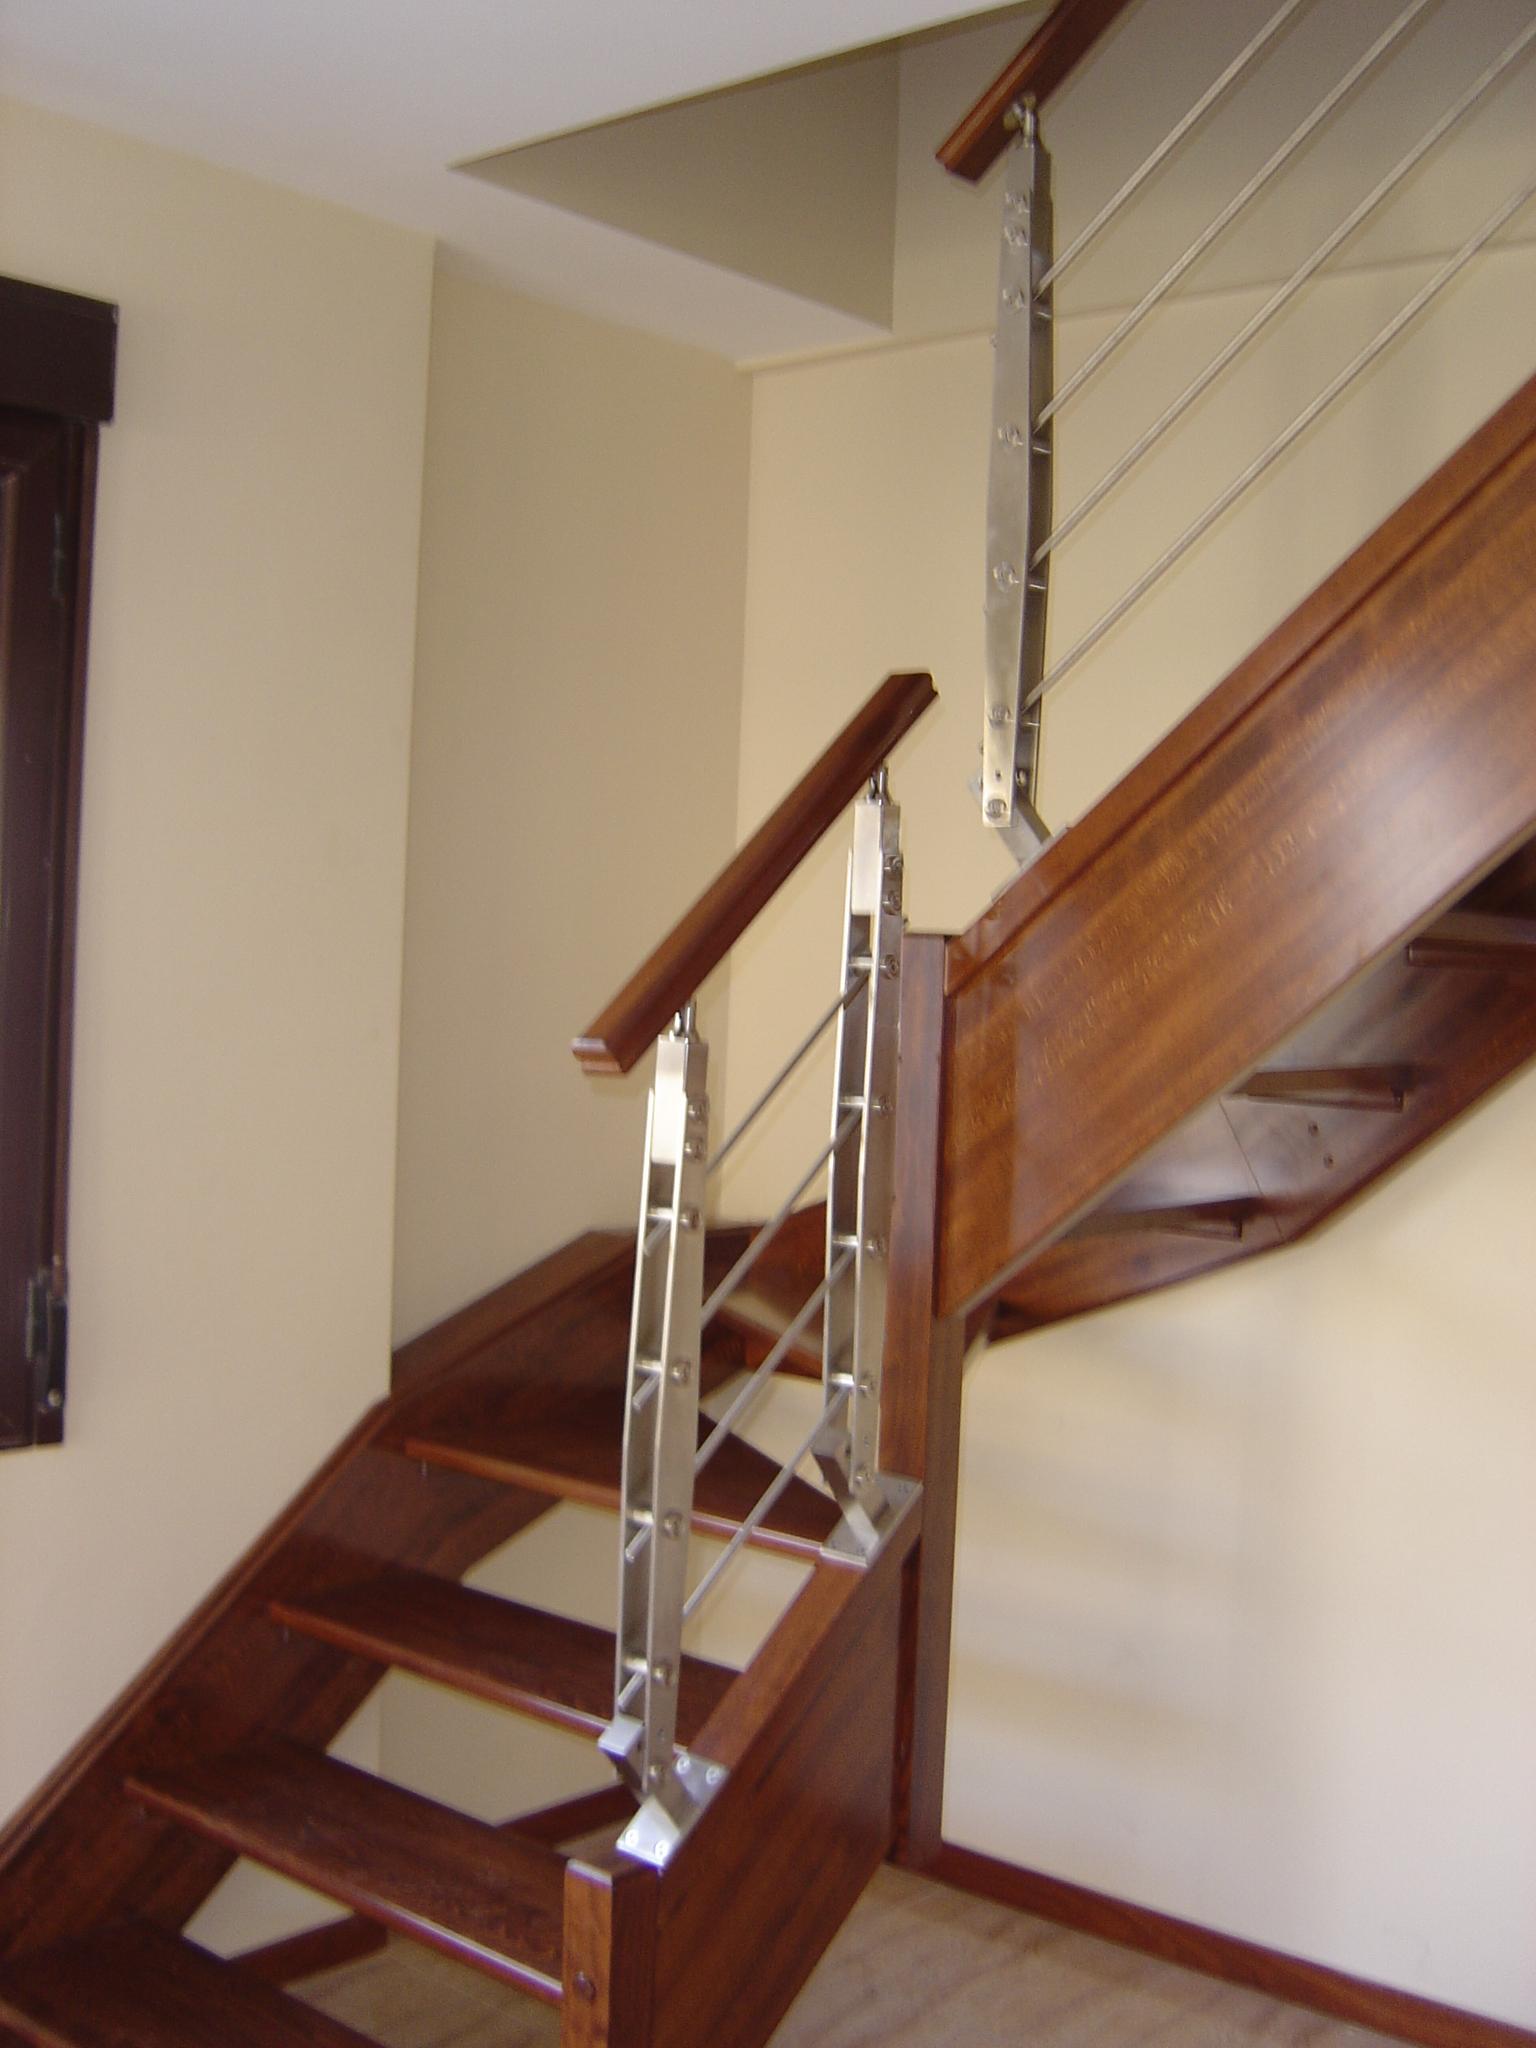 Fotos de pasamanos de madera best decoracin de escaleras - Pasamanos para escaleras ...